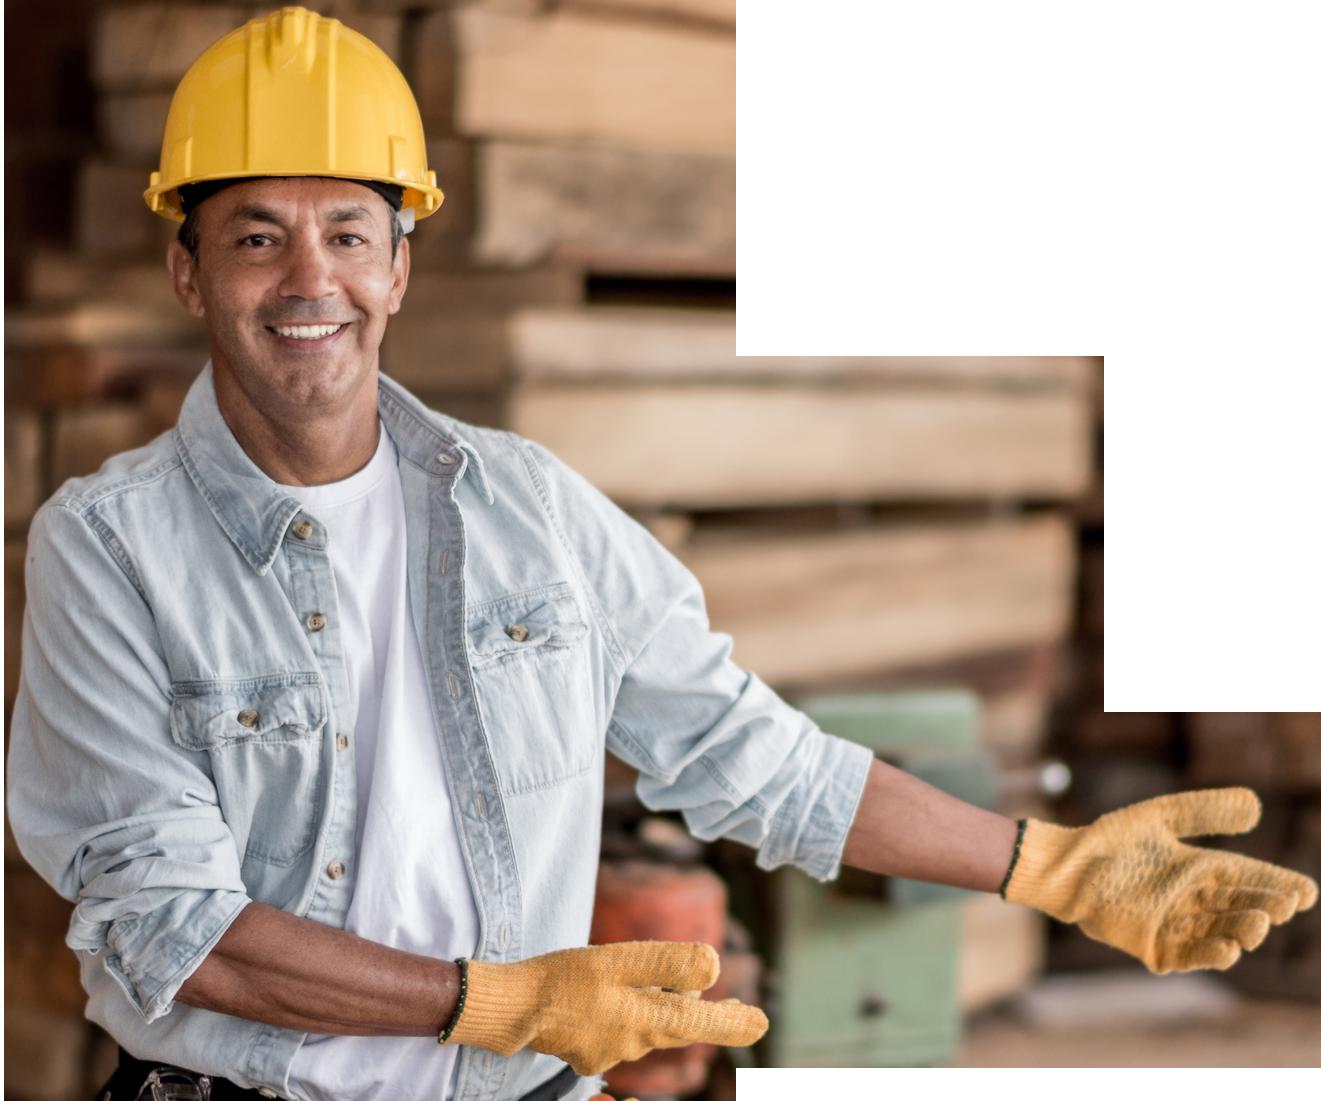 施工管理技士のイメージ